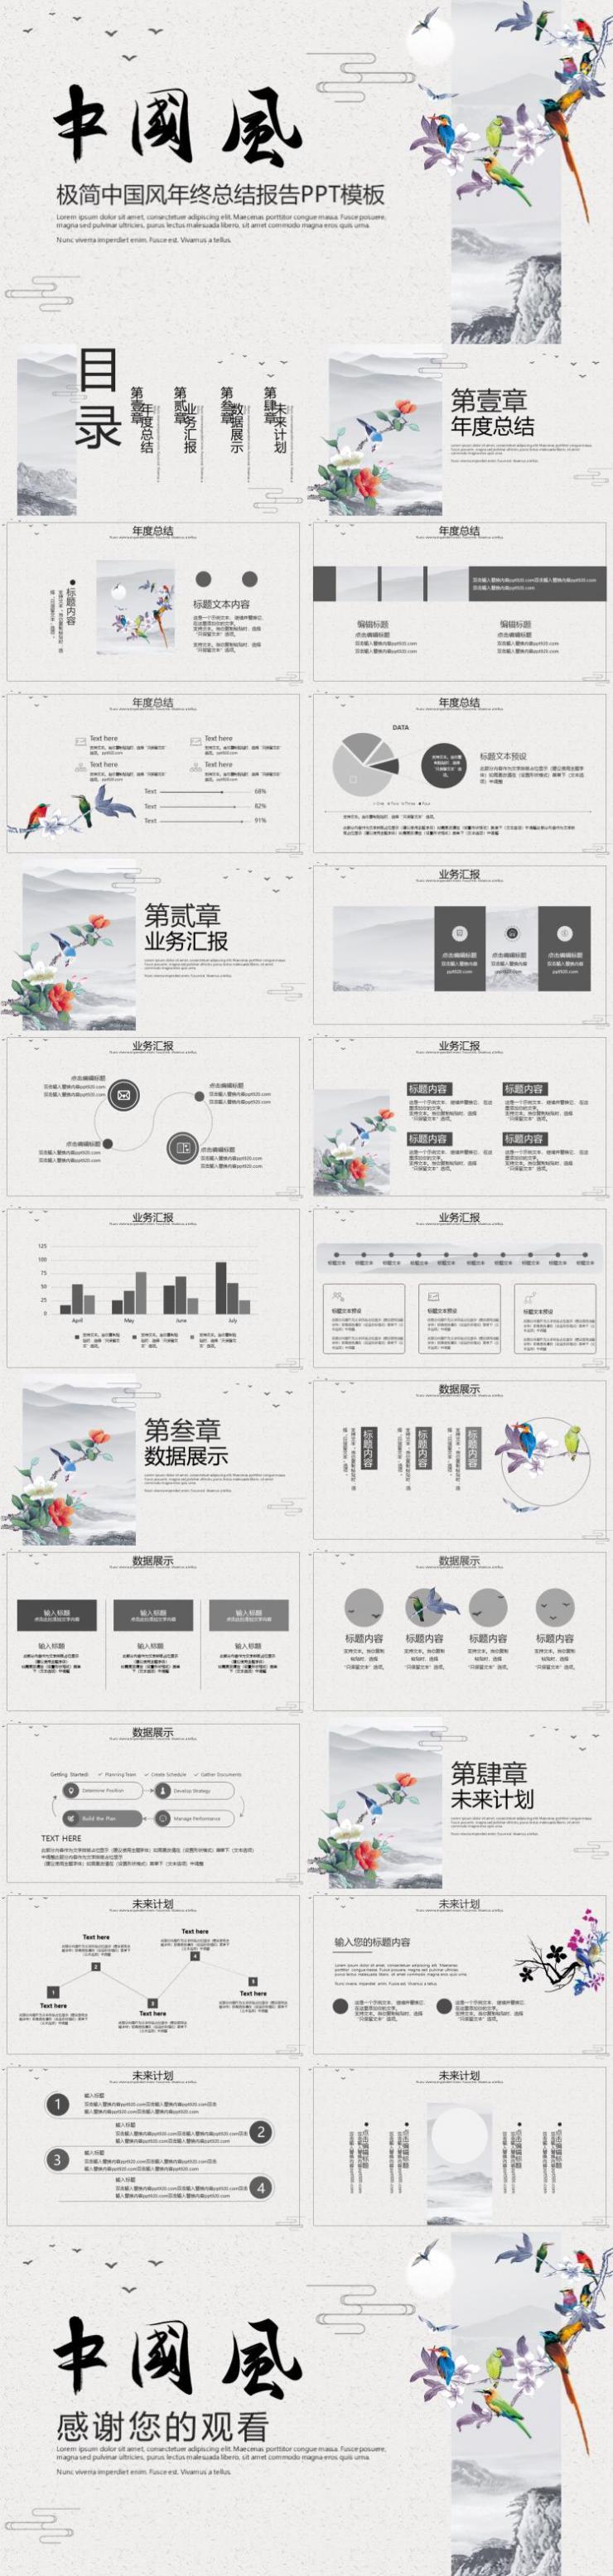 极简中国风年终工作总结PPT模板